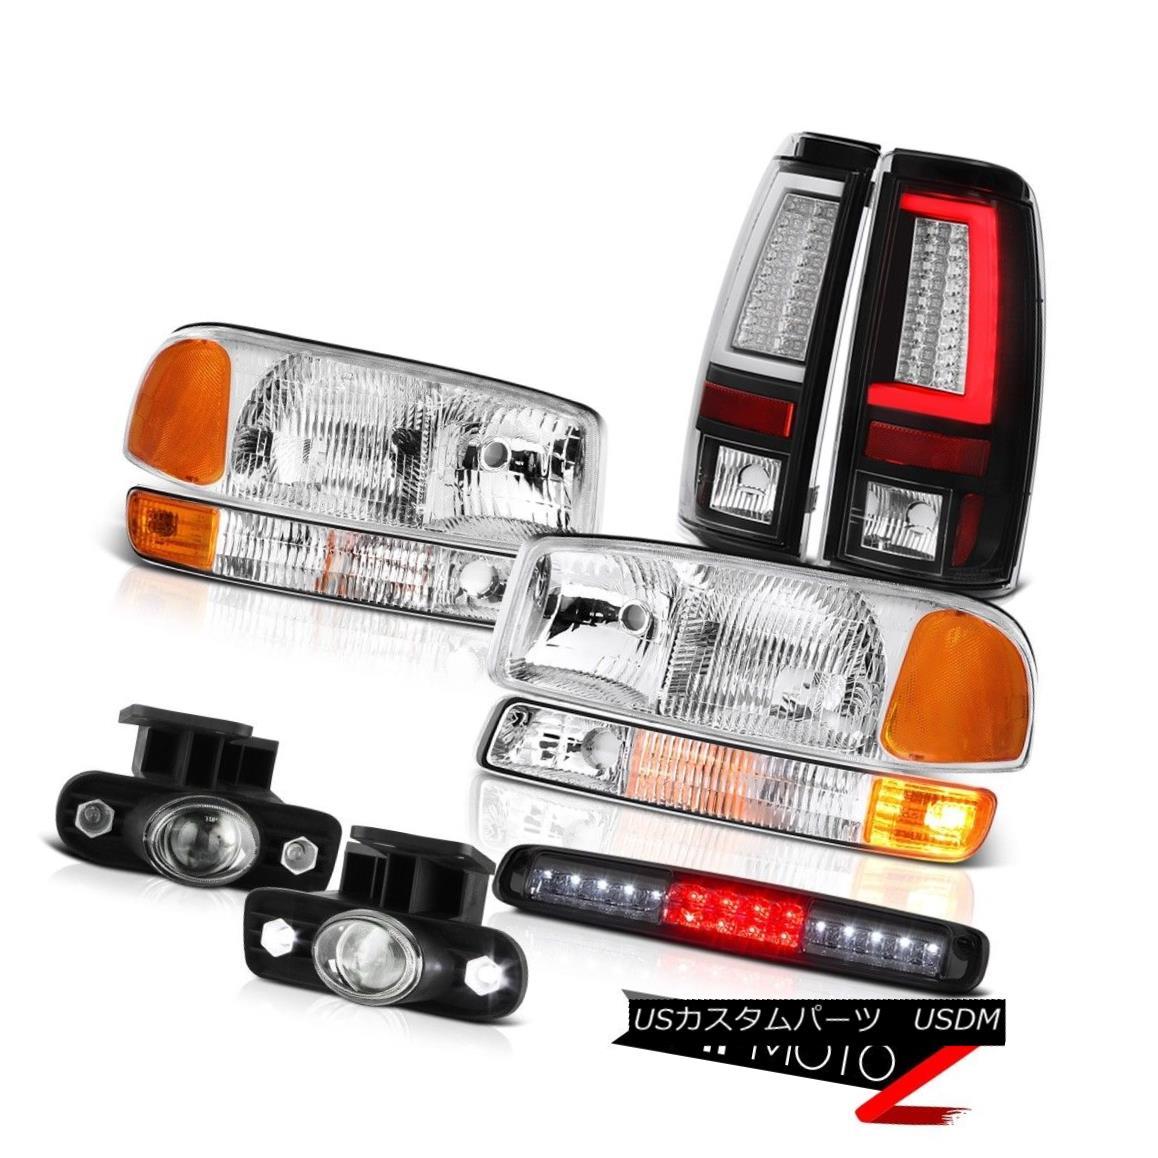 テールライト 99-02 Sierra 5.3L Headlamps Corner Black Taillamps Roof Cab Light Fog Lights LED 99-02 Sierra 5.3LヘッドランプコーナーブラックタイヤランプルーフキャブライトフォグライトLED